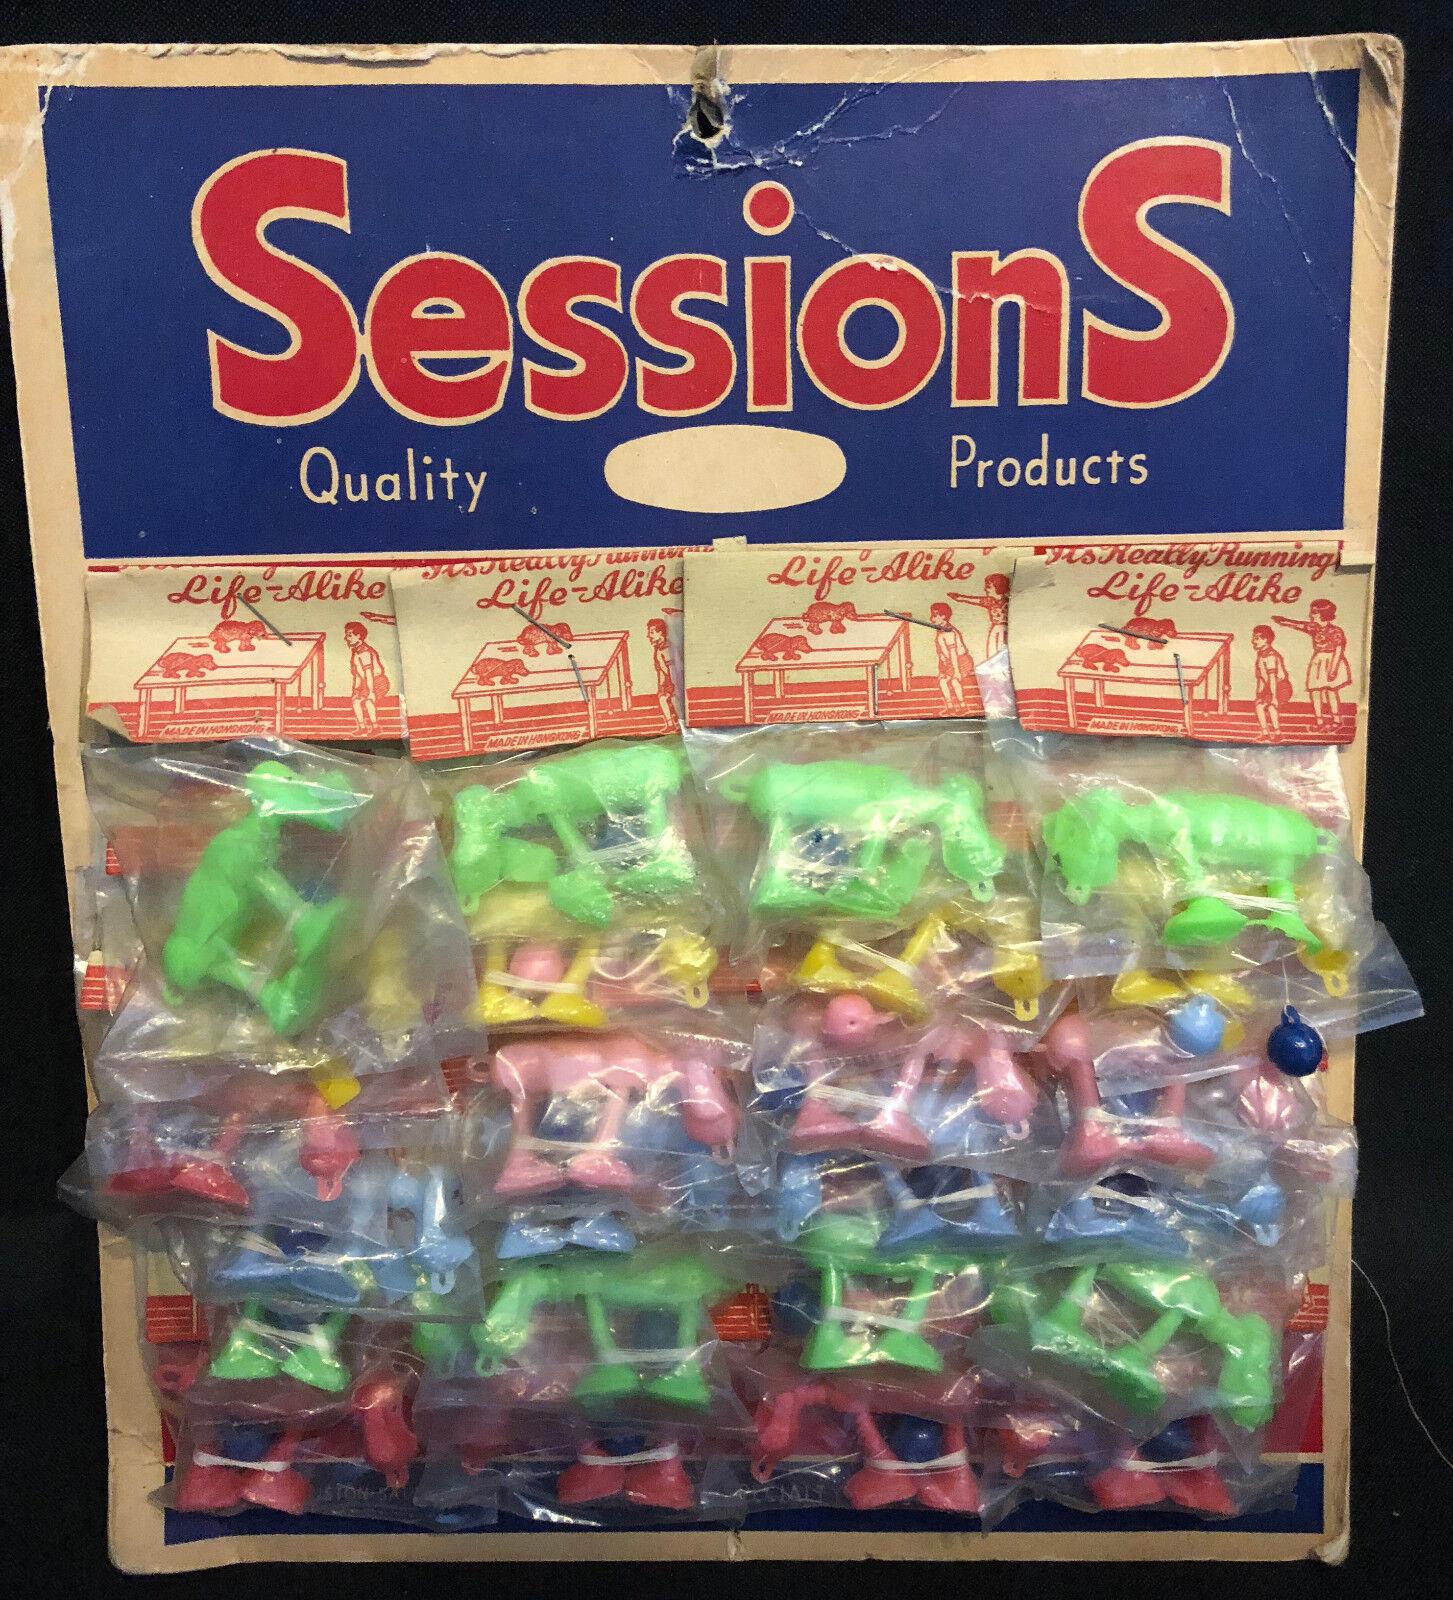 Especialidad de la vida-por igual las sesiones Vintage Perro de juguete de los corrojoores Novedad exhibición de la tienda